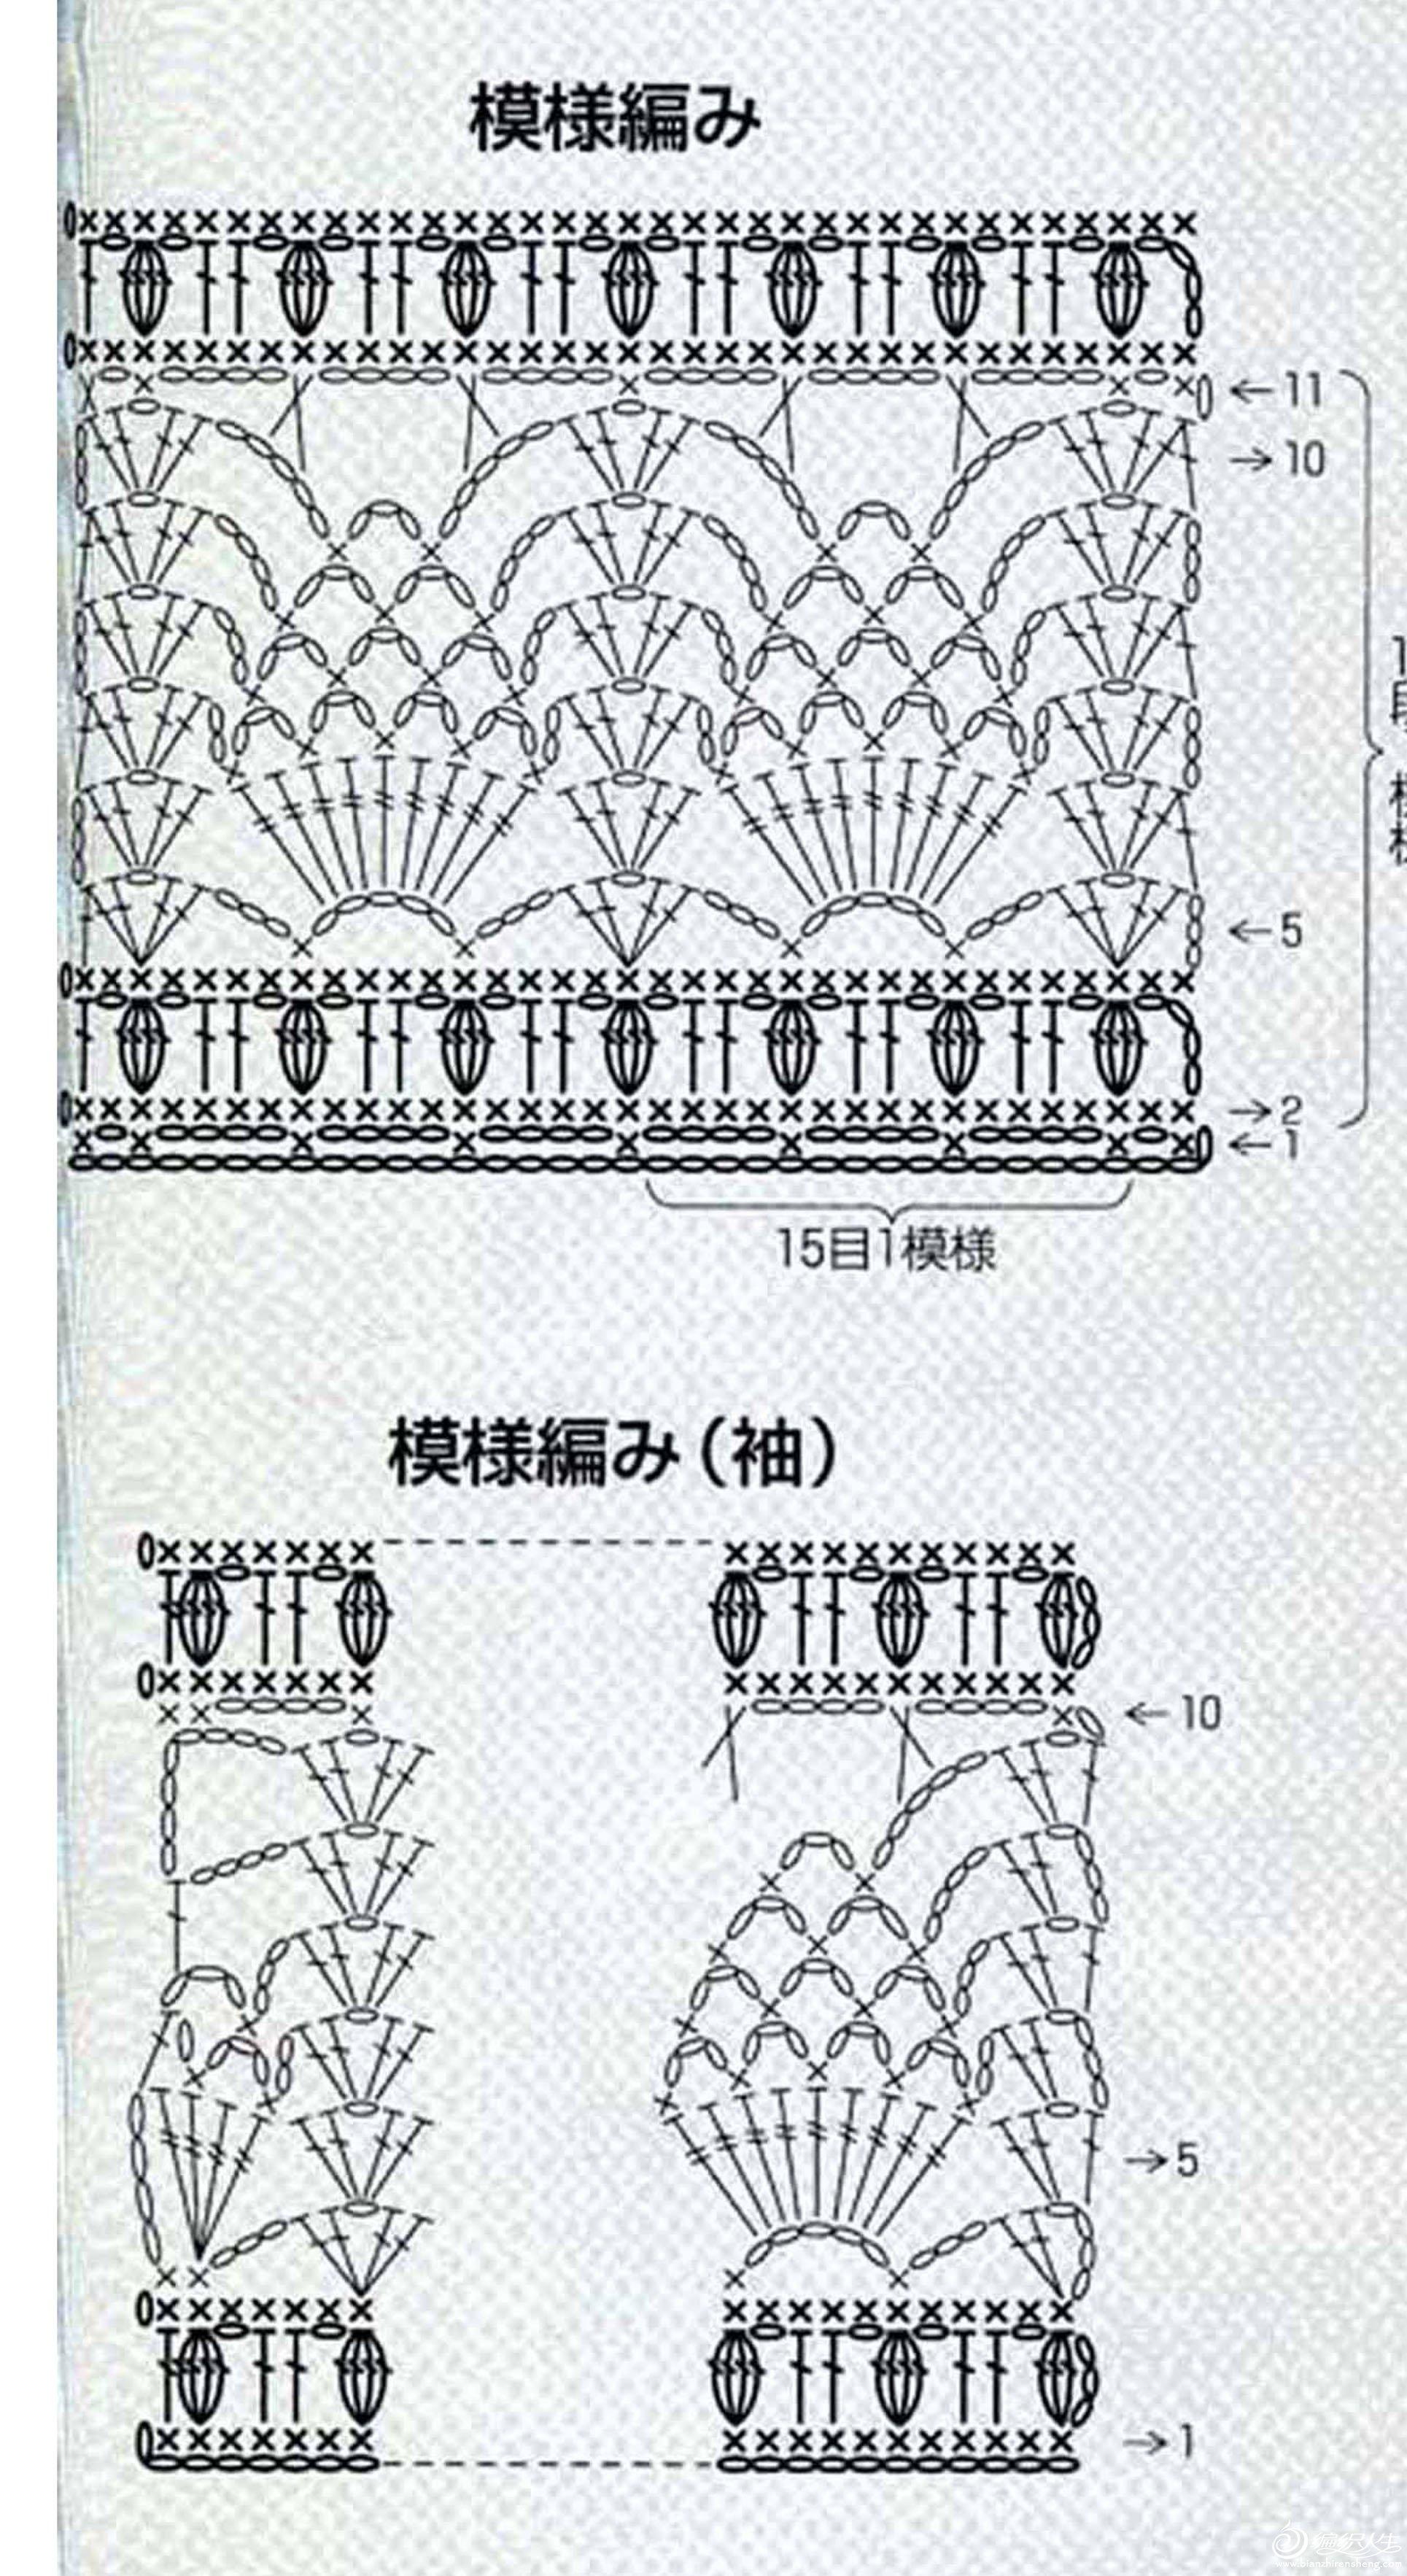 5-312.jpg